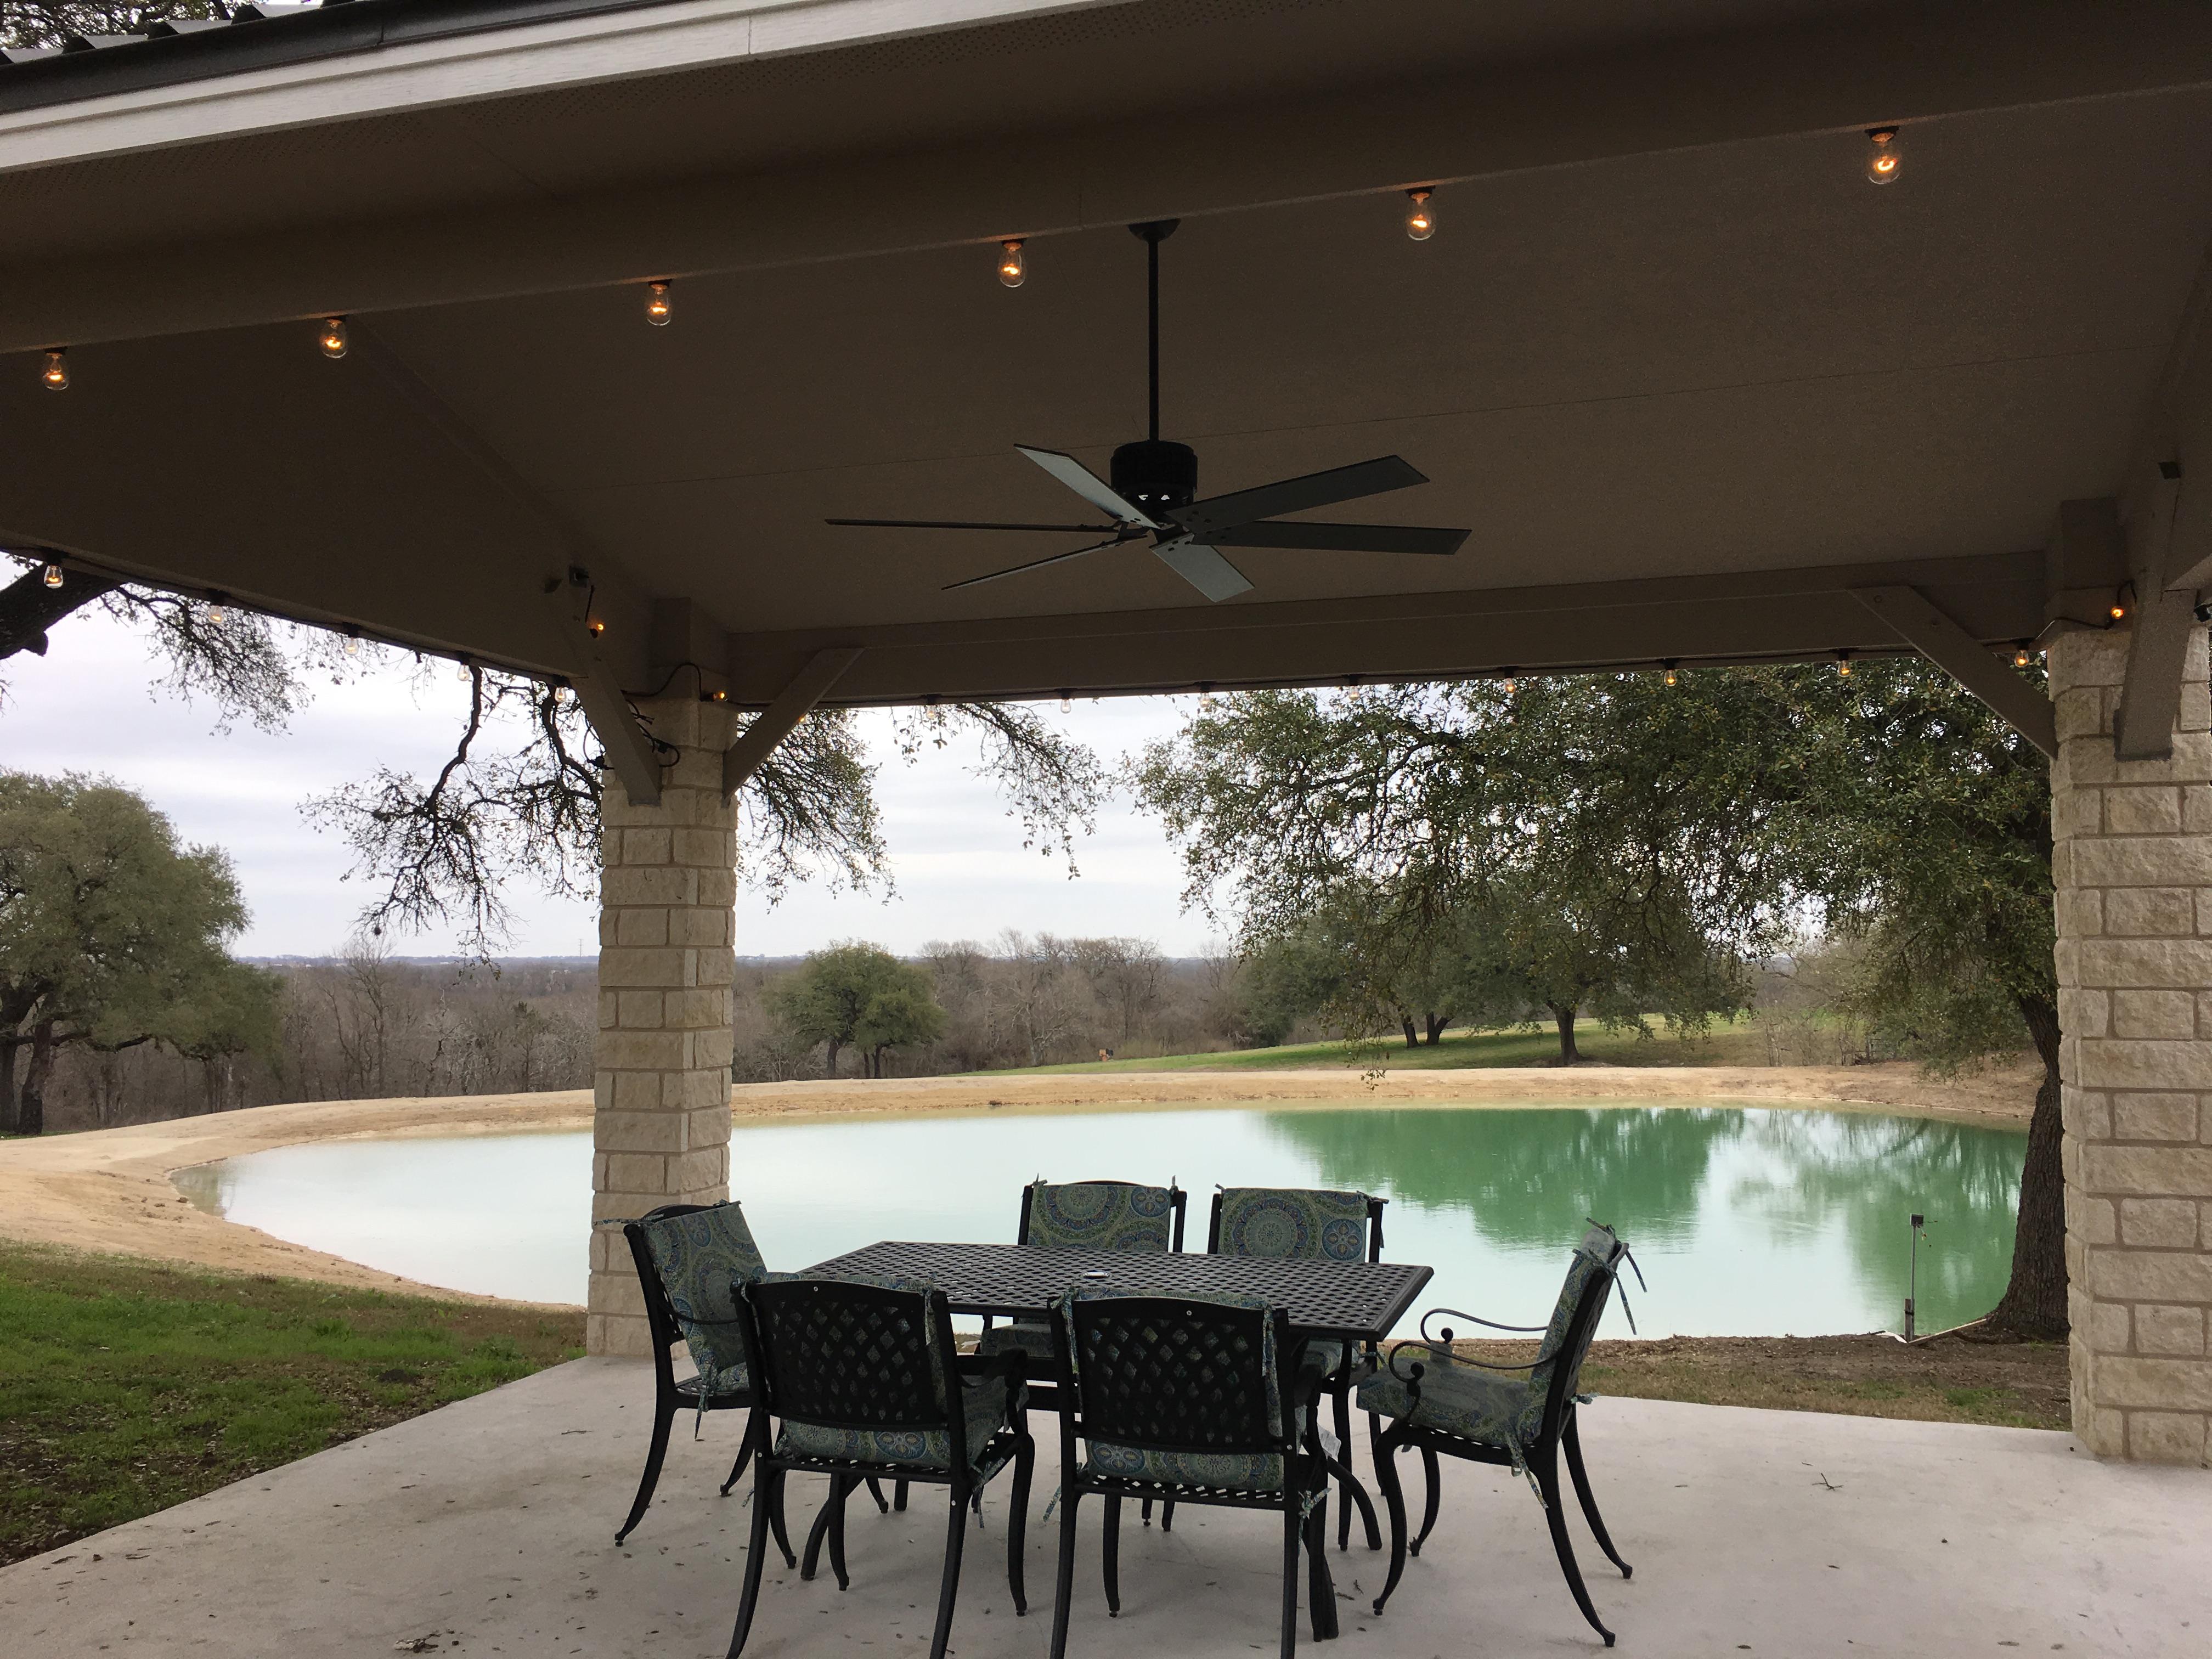 Pavilion complete